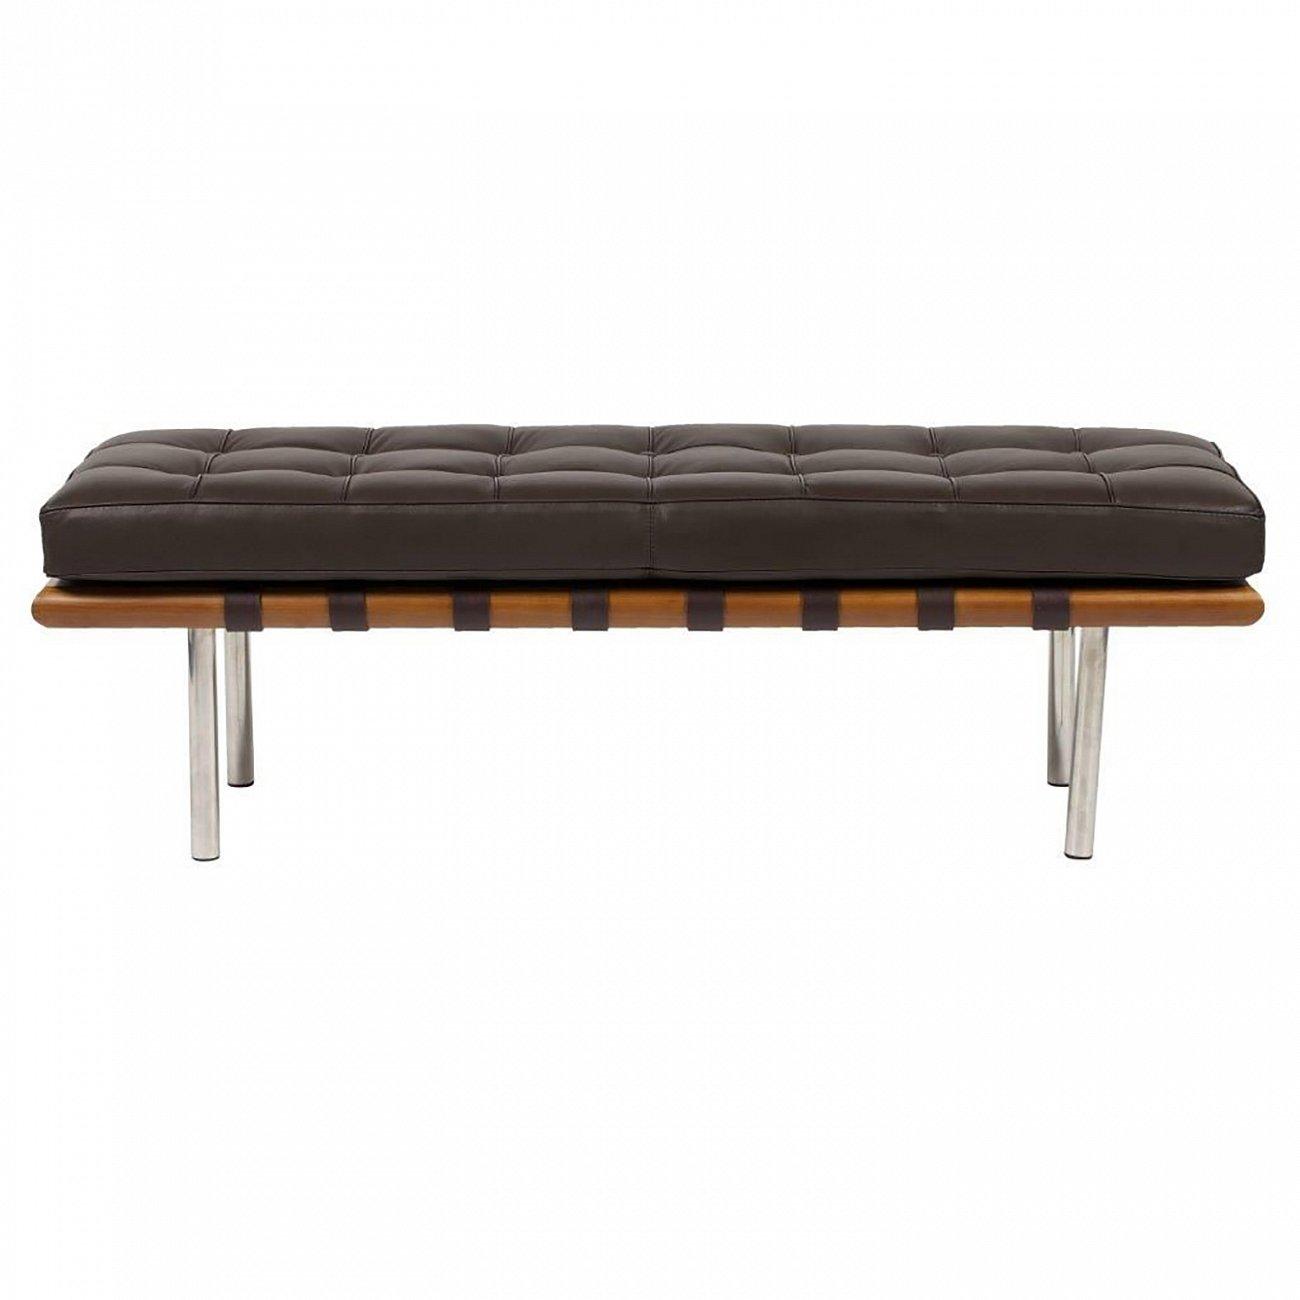 Купить Кушетка Barcelona Коричневая Кожа Премиум в интернет магазине дизайнерской мебели и аксессуаров для дома и дачи